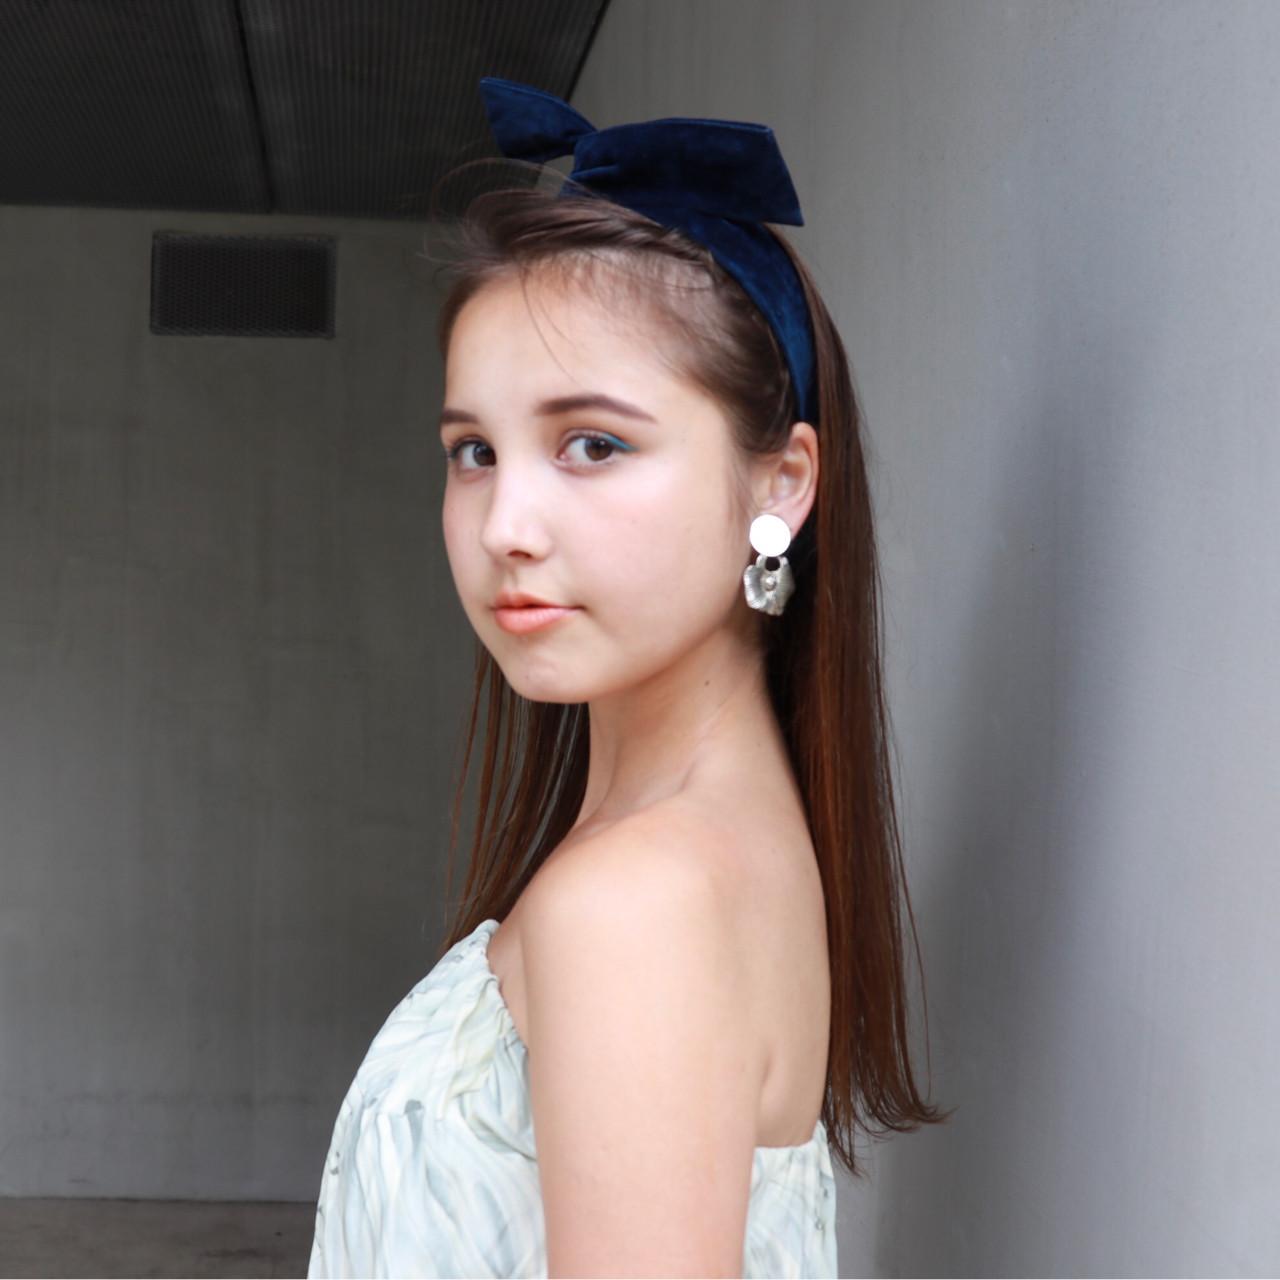 簡単 簡単ヘアアレンジ ヘアアレンジ ストレート ヘアスタイルや髪型の写真・画像